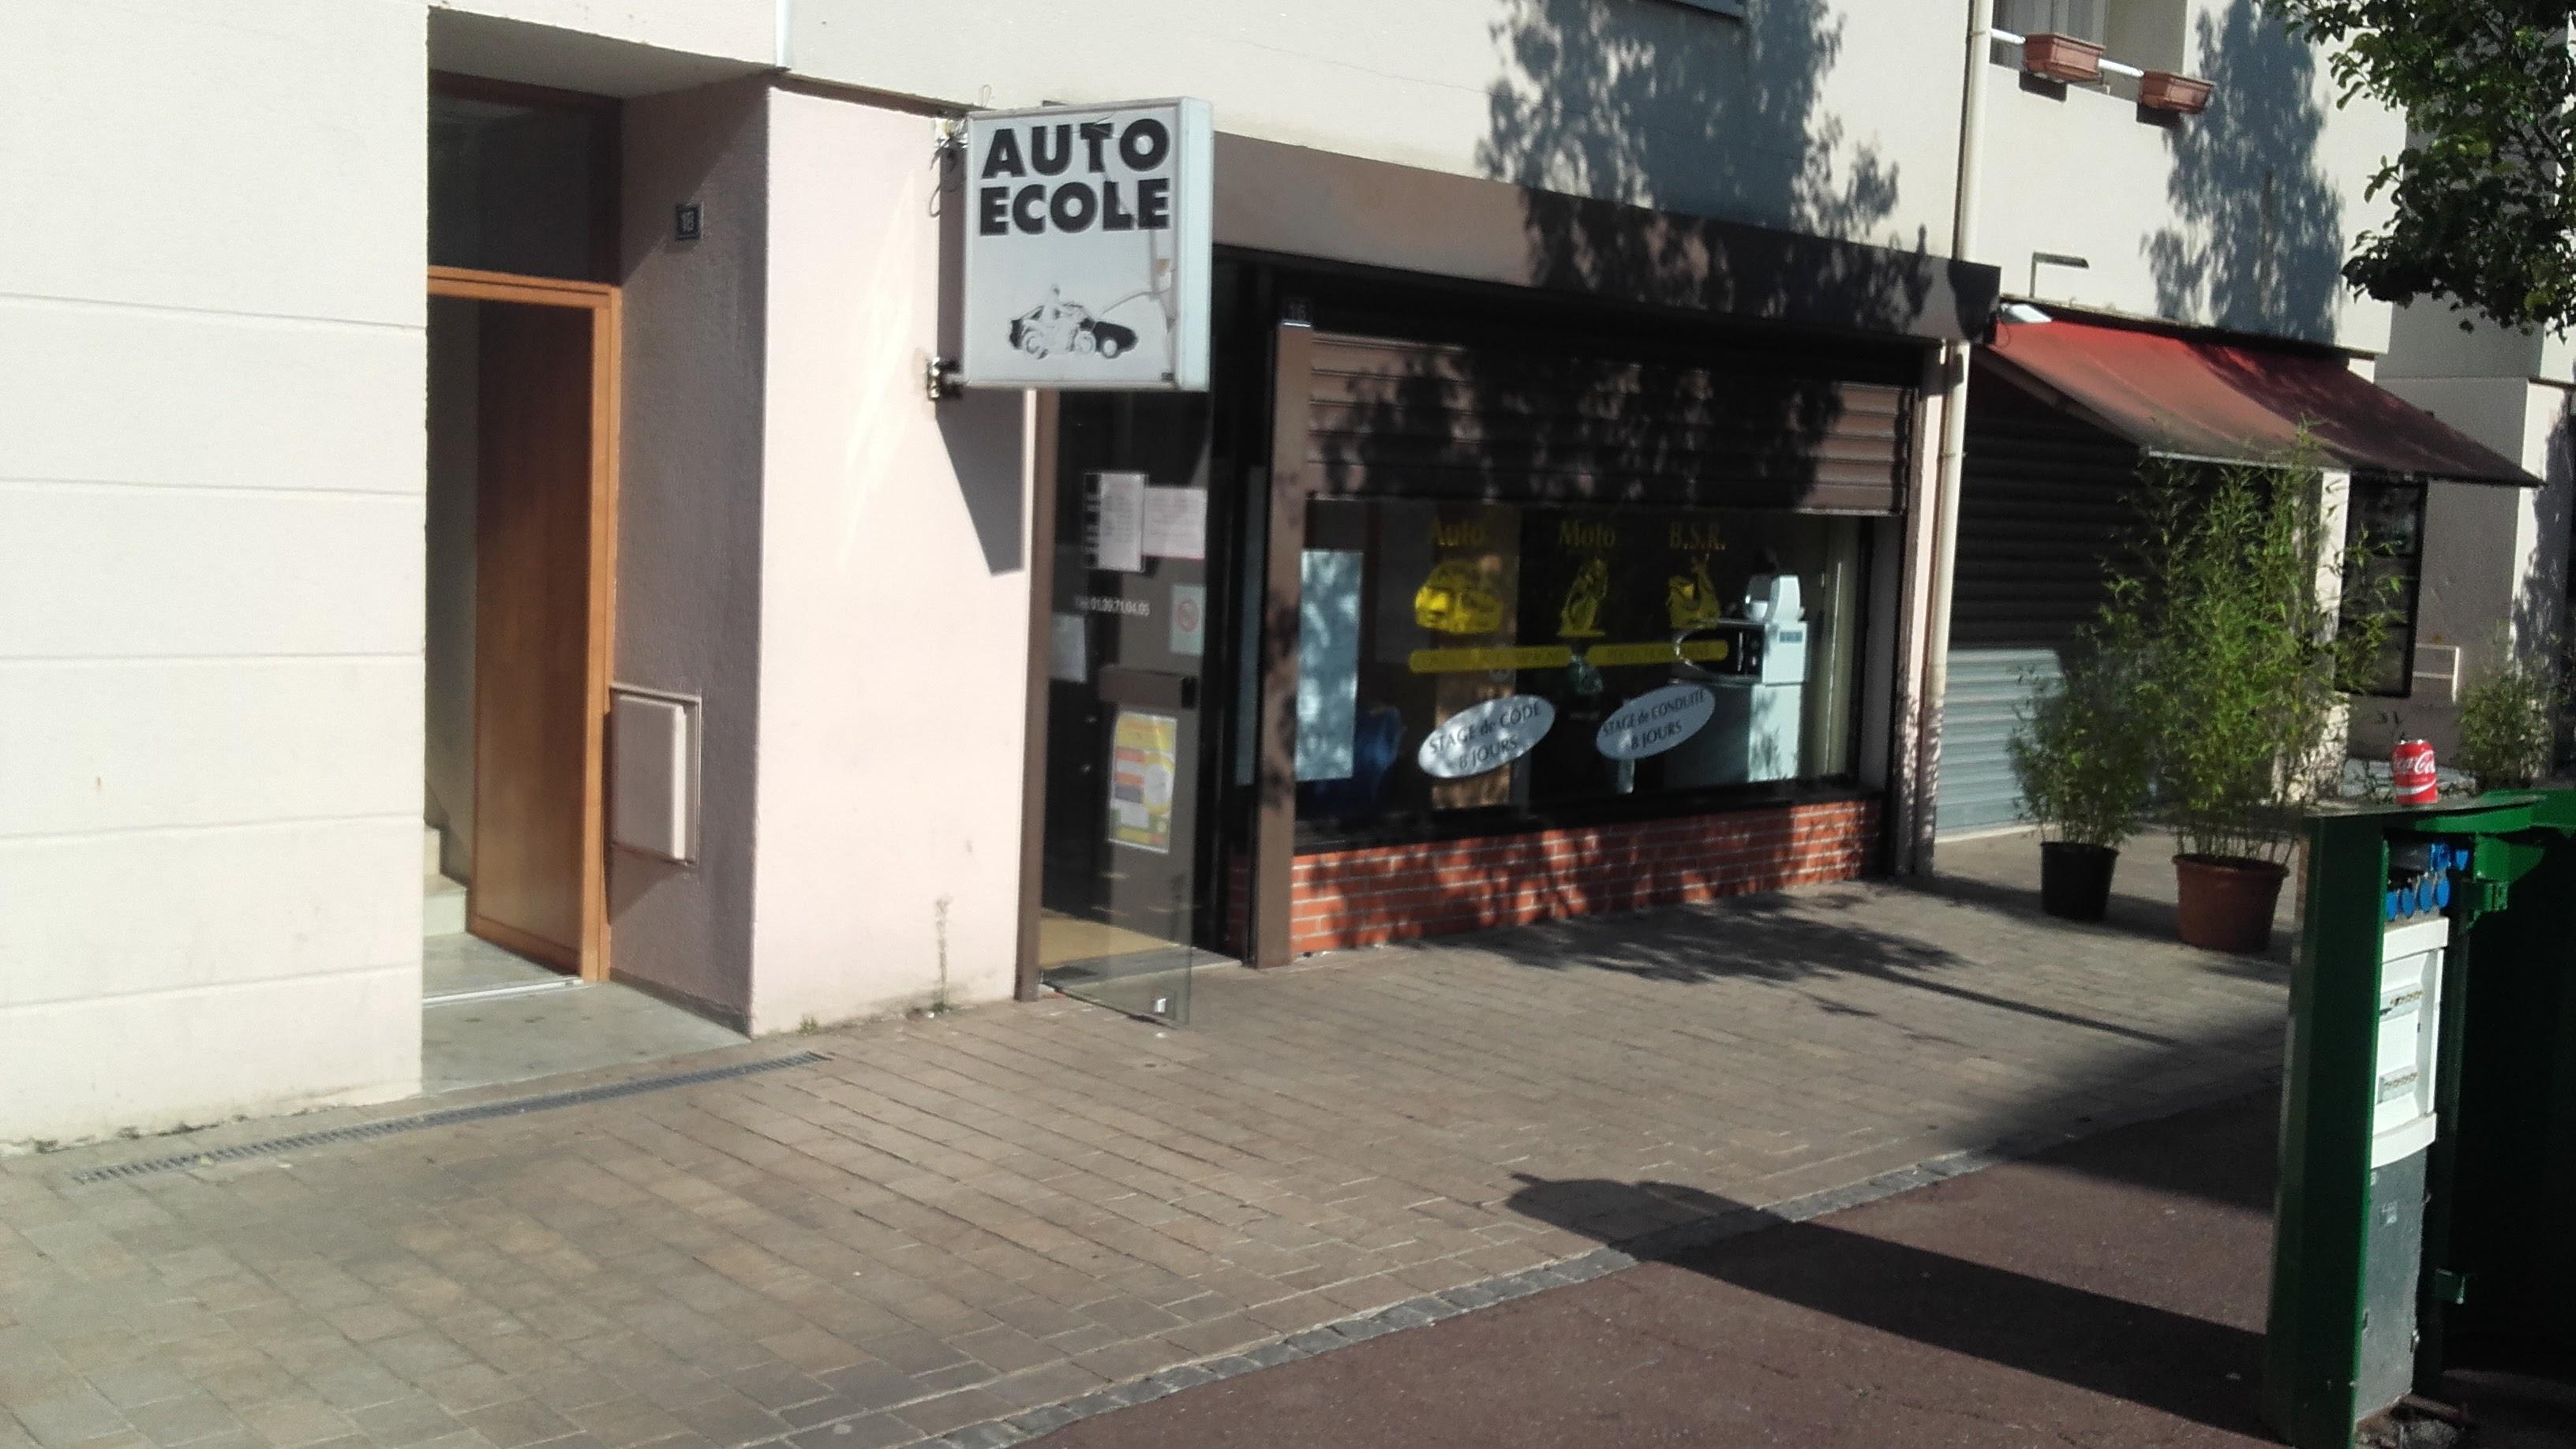 Auto École du centre ville de Vernouillet